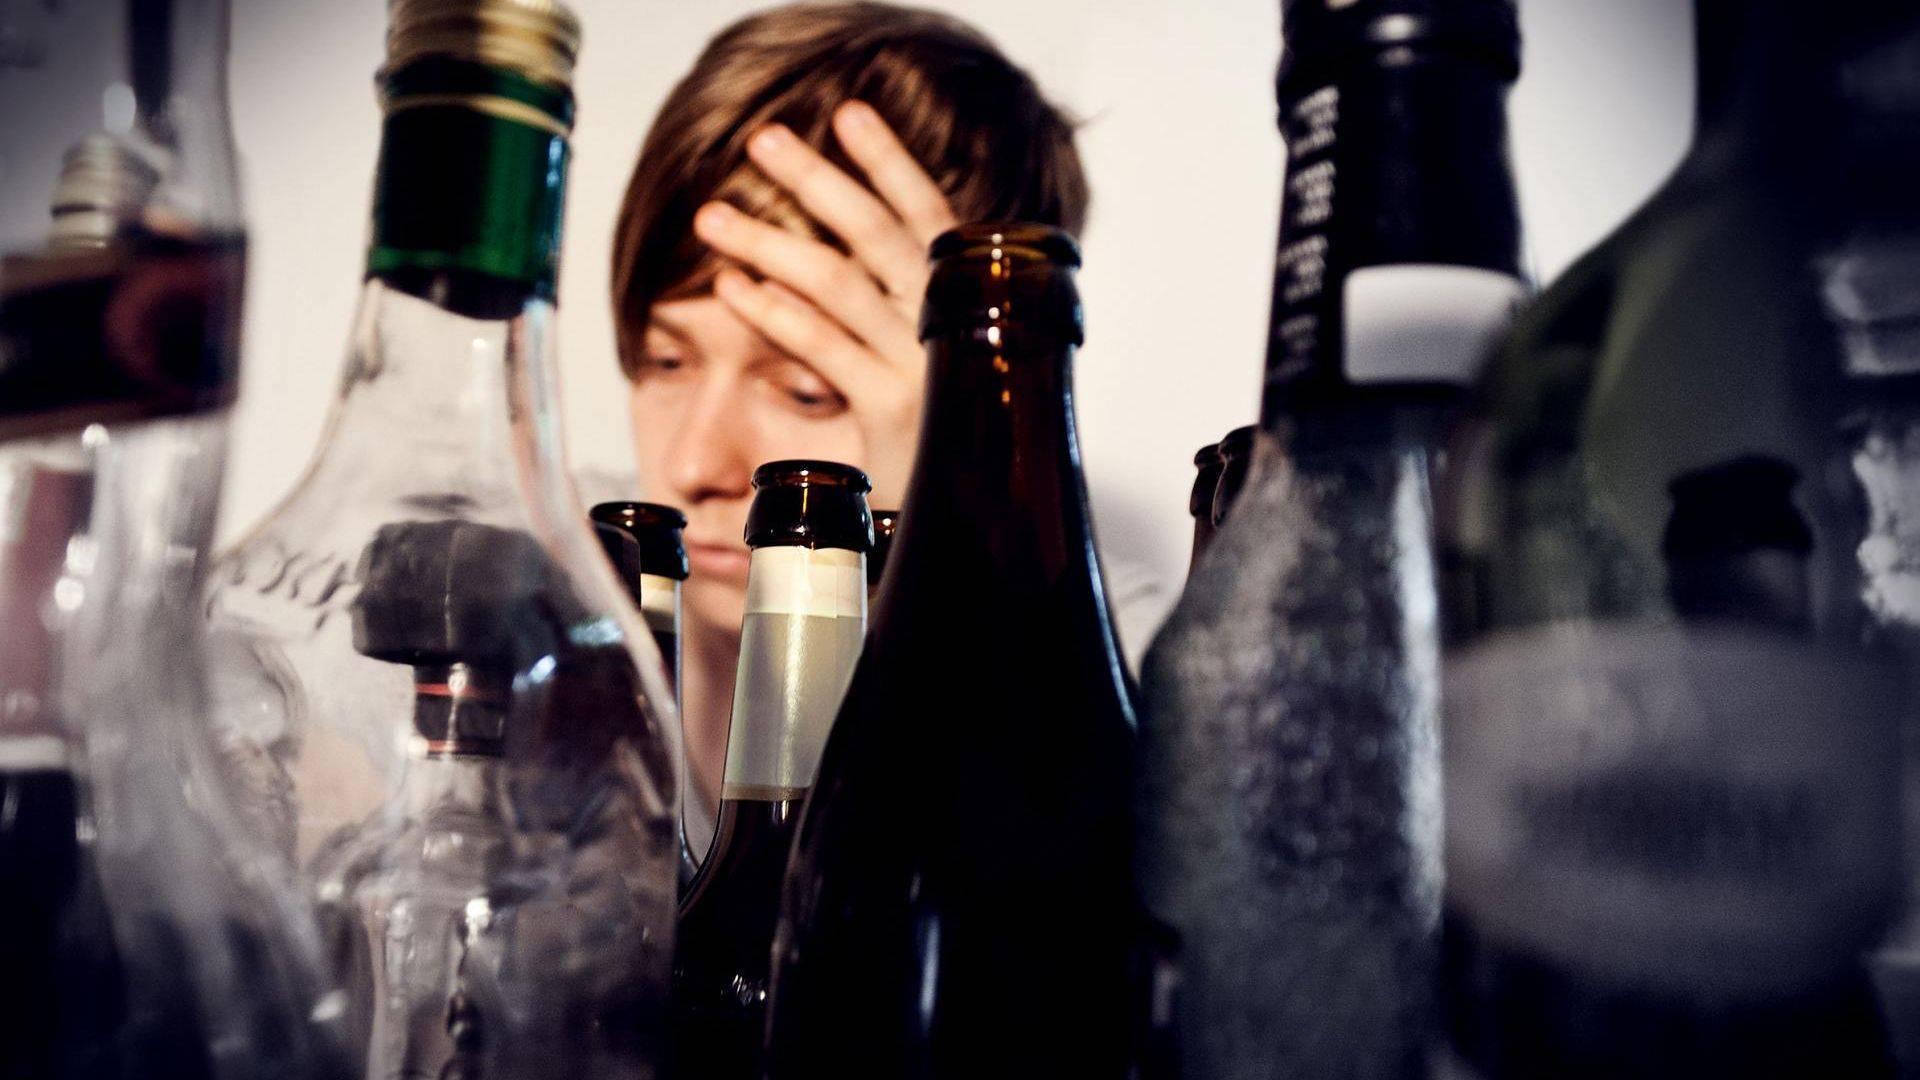 Можно по анализу крови определить алкоголизм